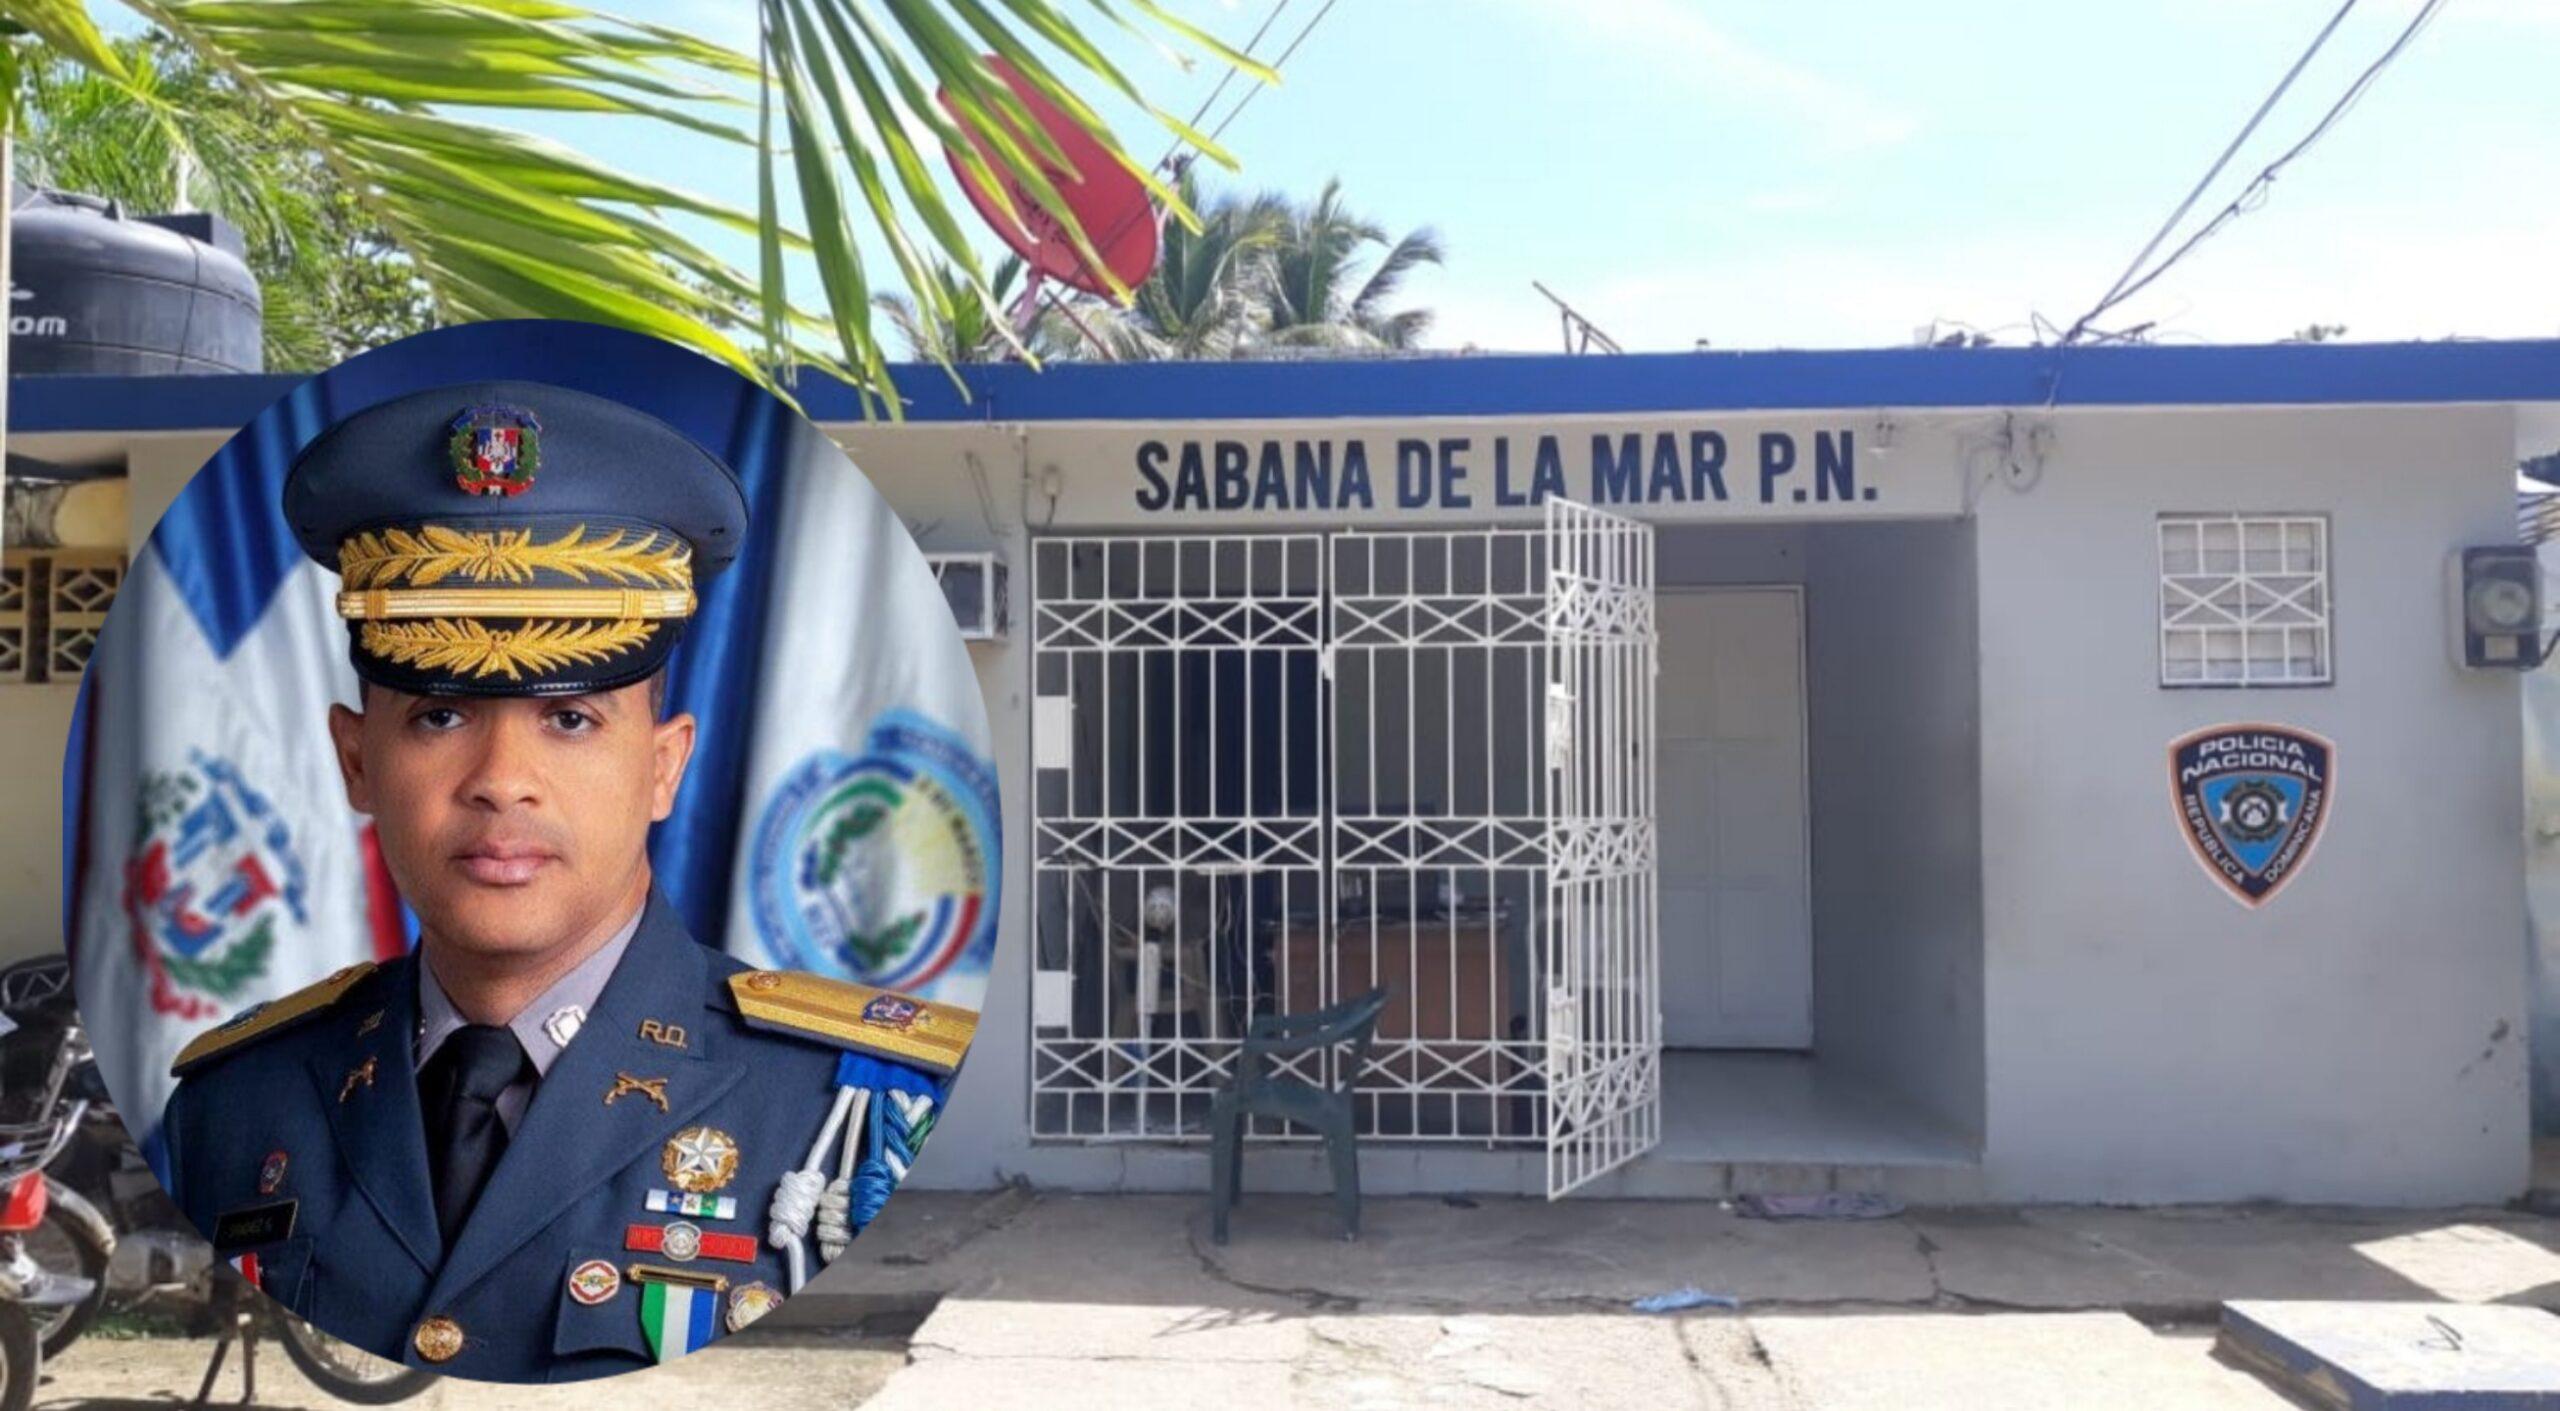 Habitantes en Sabana de la Mar les hacen llamado al Director de la Policía Nacional para que sustituya dotación policial